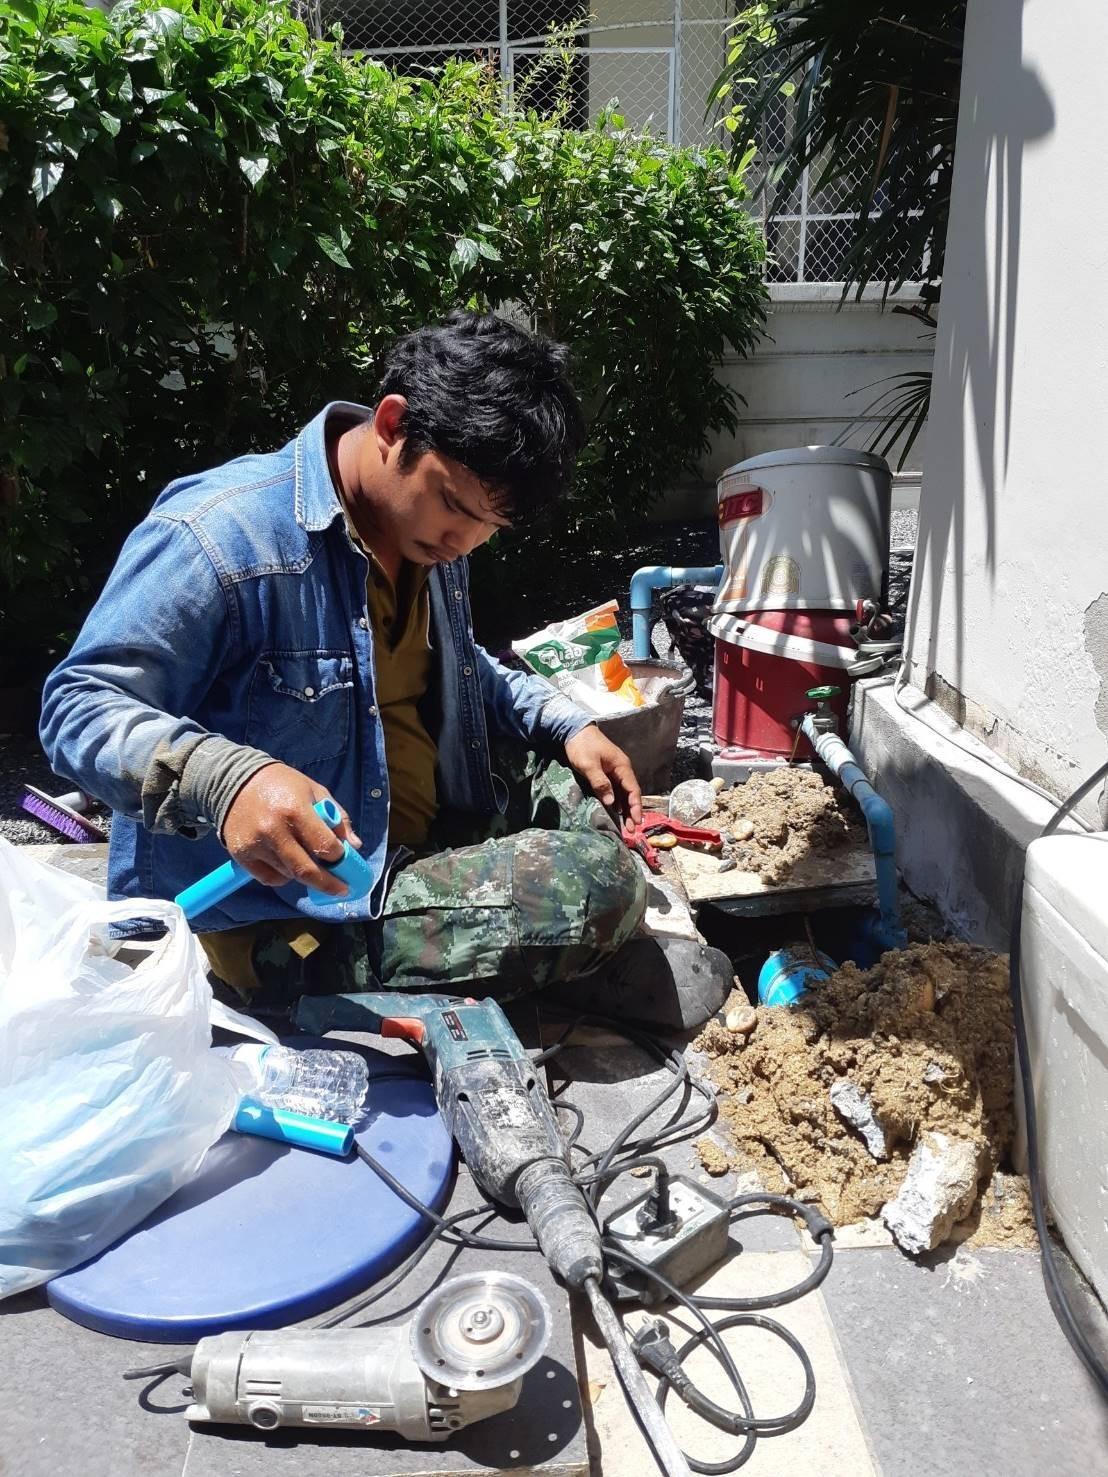 ช่างซ่อม ประปา ไฟฟ้า ปั้มน้ำ ด่วน 0882750965 id line: @ckj5753k